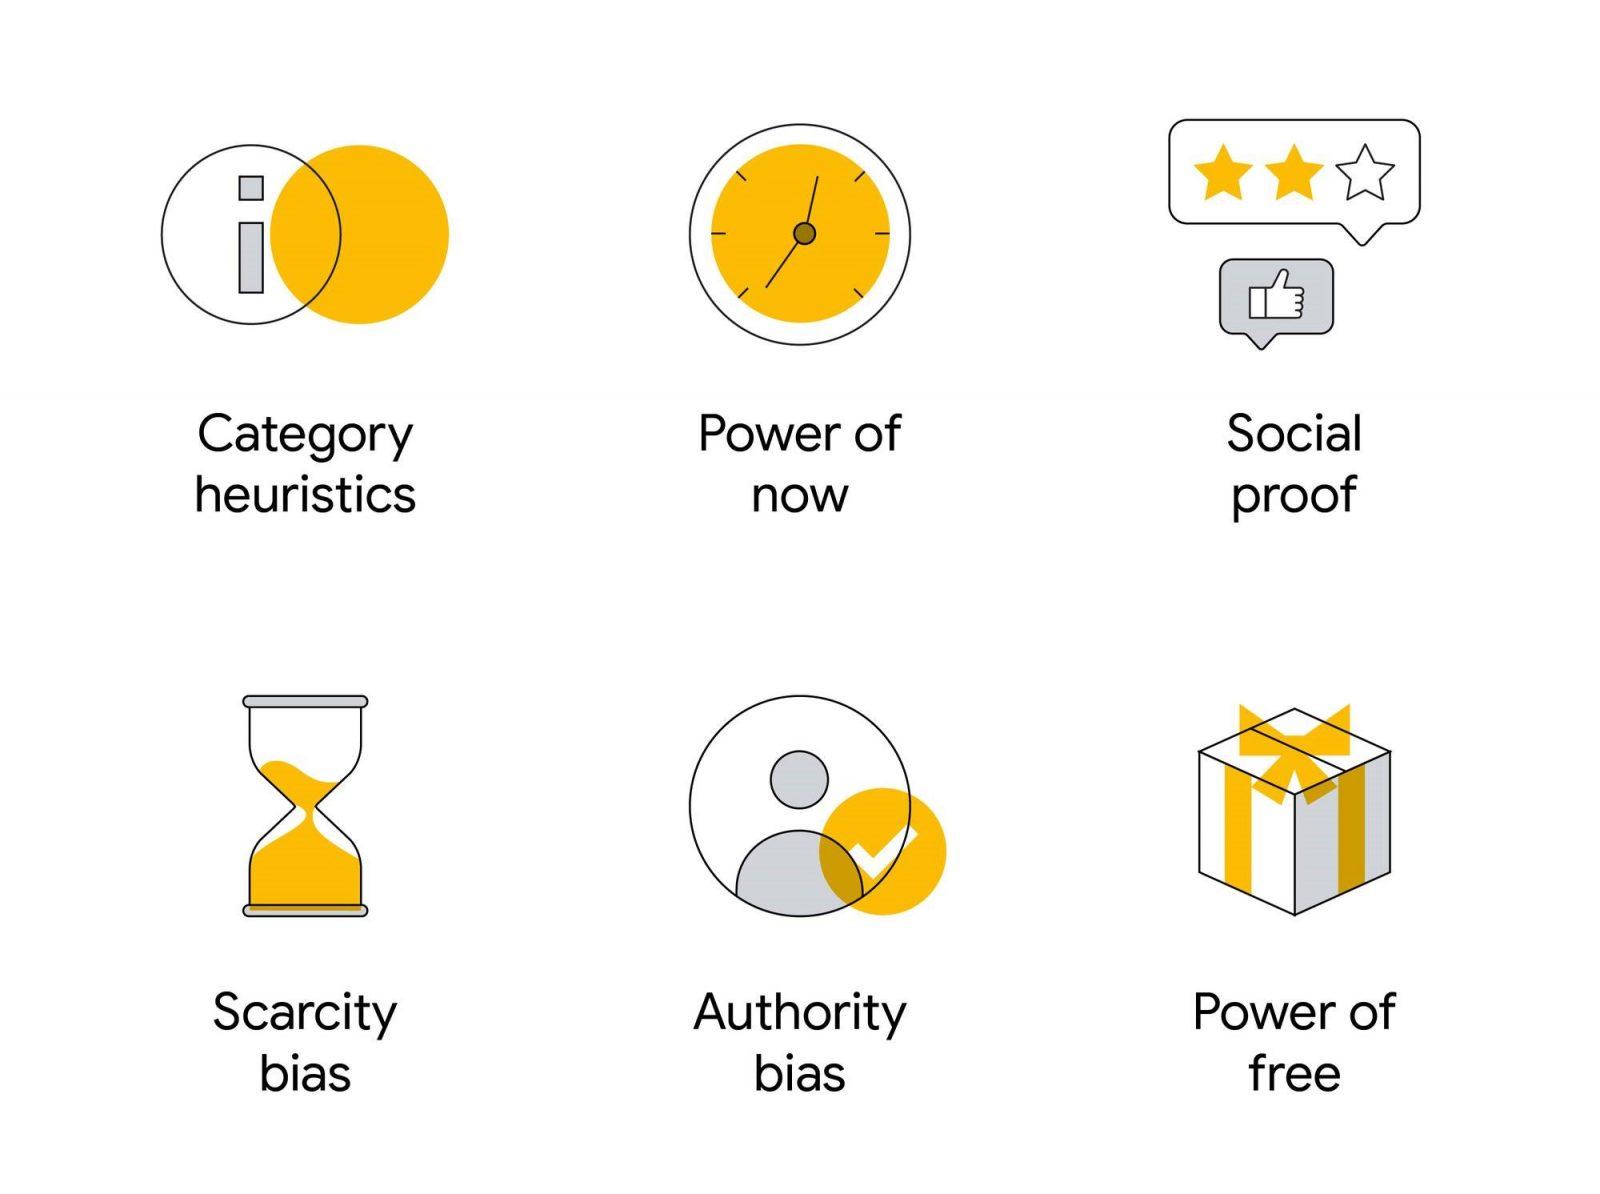 שש הטיות שמשפיעות על קבלת החלטות רכישה בעולם המקוון